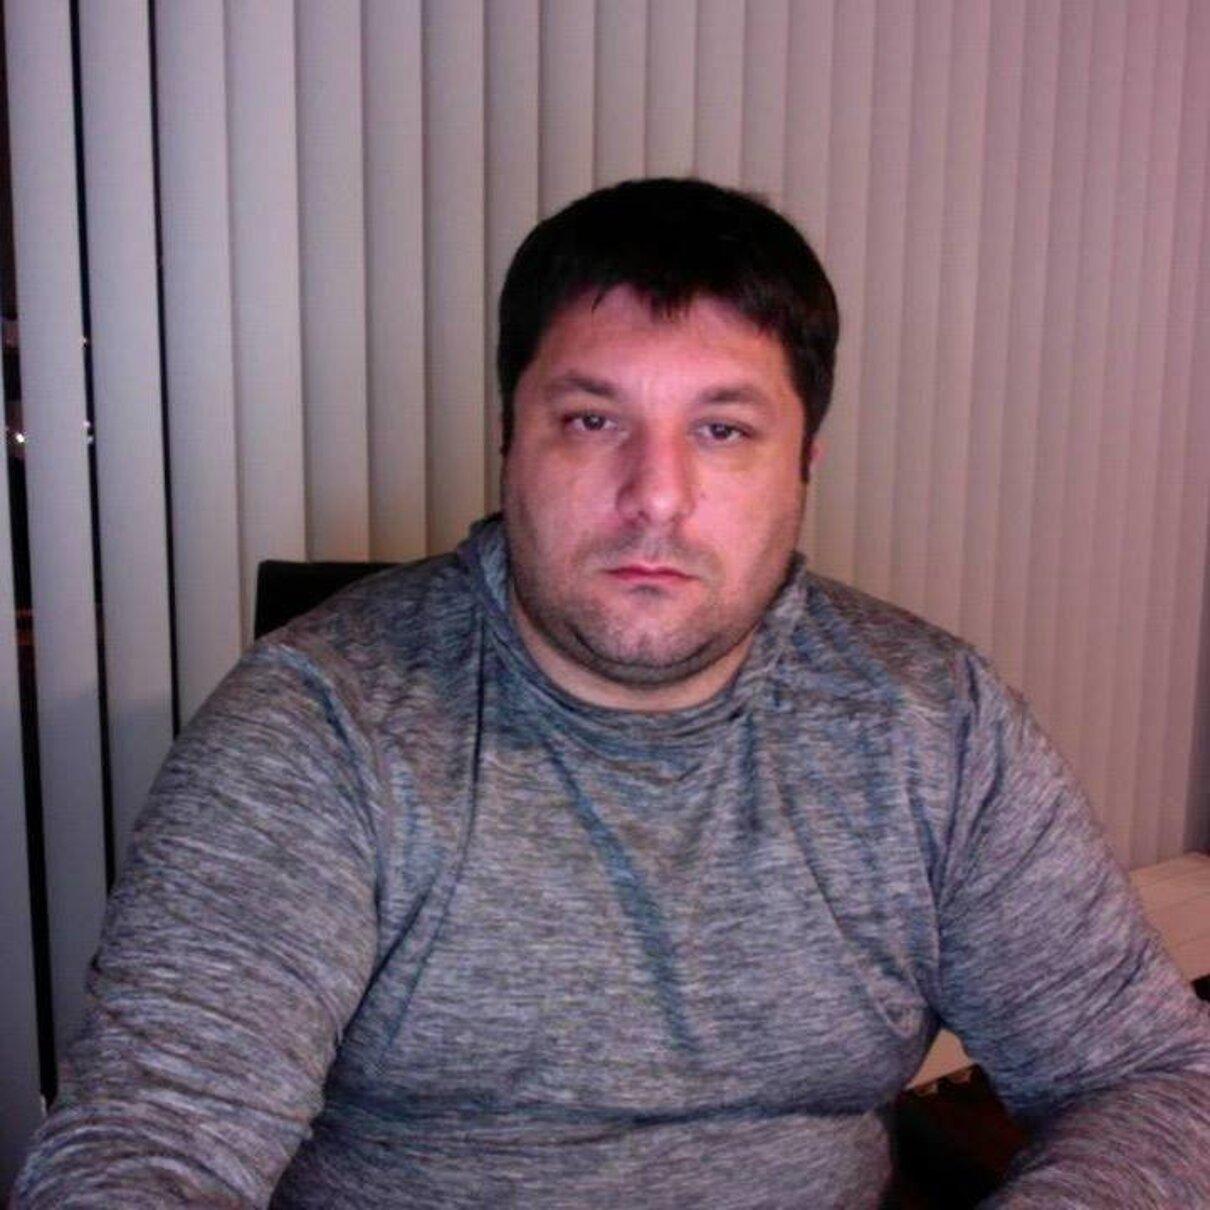 Жалоба-отзыв: Иванов Даниел Василев - Заплати алименты у тебя дочь! И не позорь ее!!! Научись честно зарабатывать!